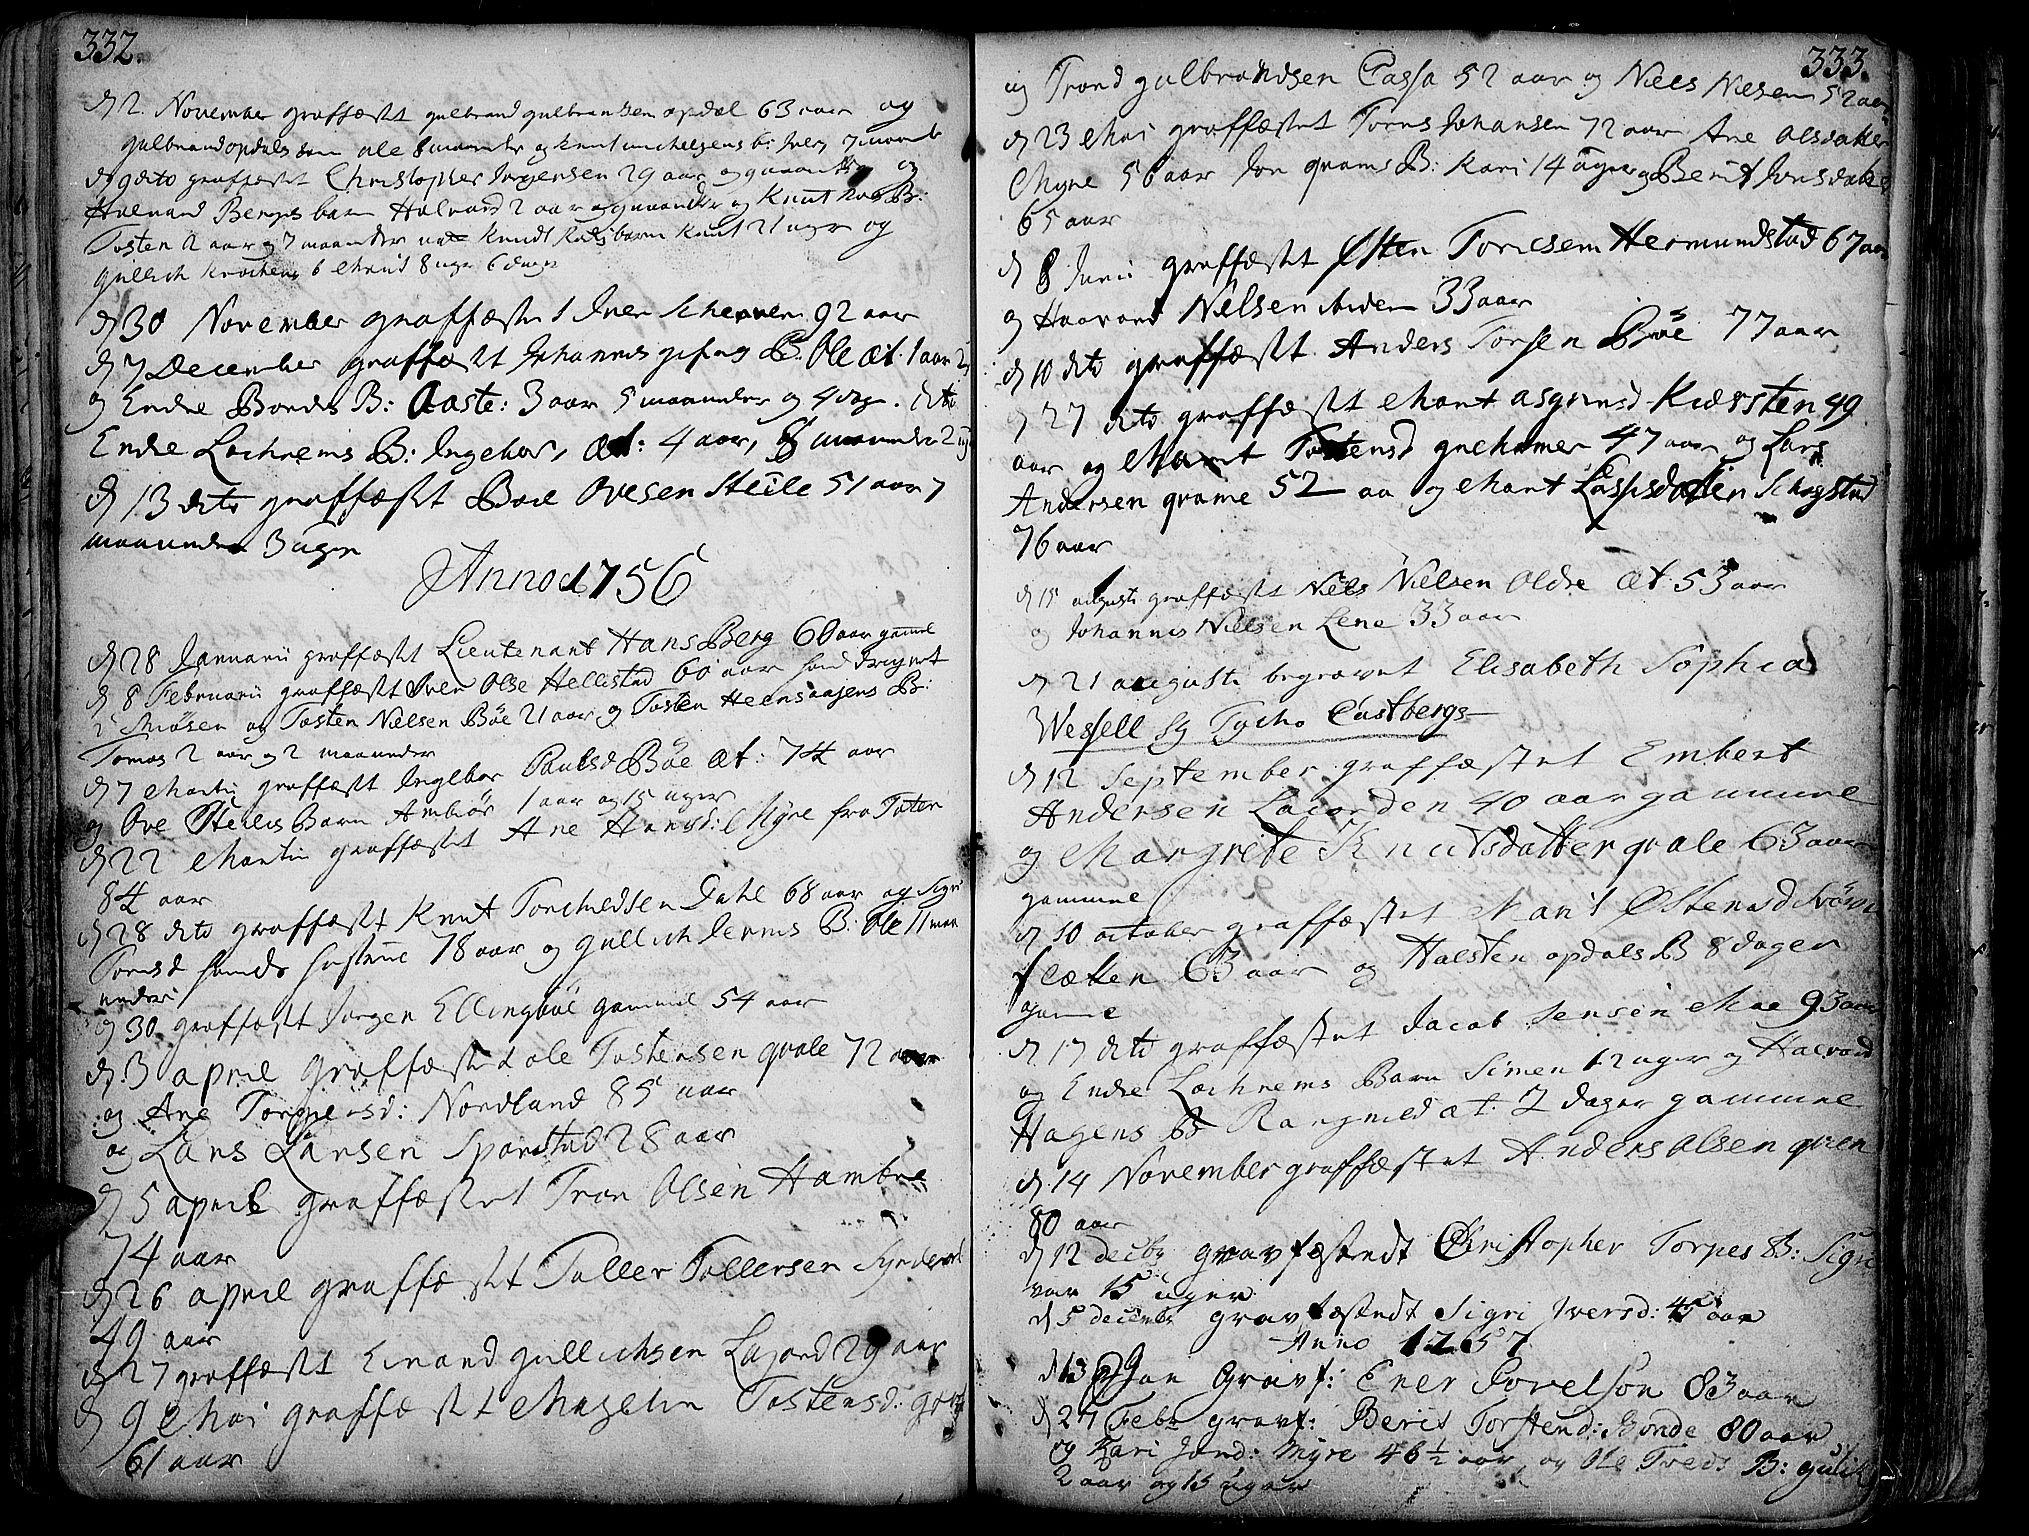 SAH, Vang prestekontor, Valdres, Ministerialbok nr. 1, 1730-1796, s. 332-333